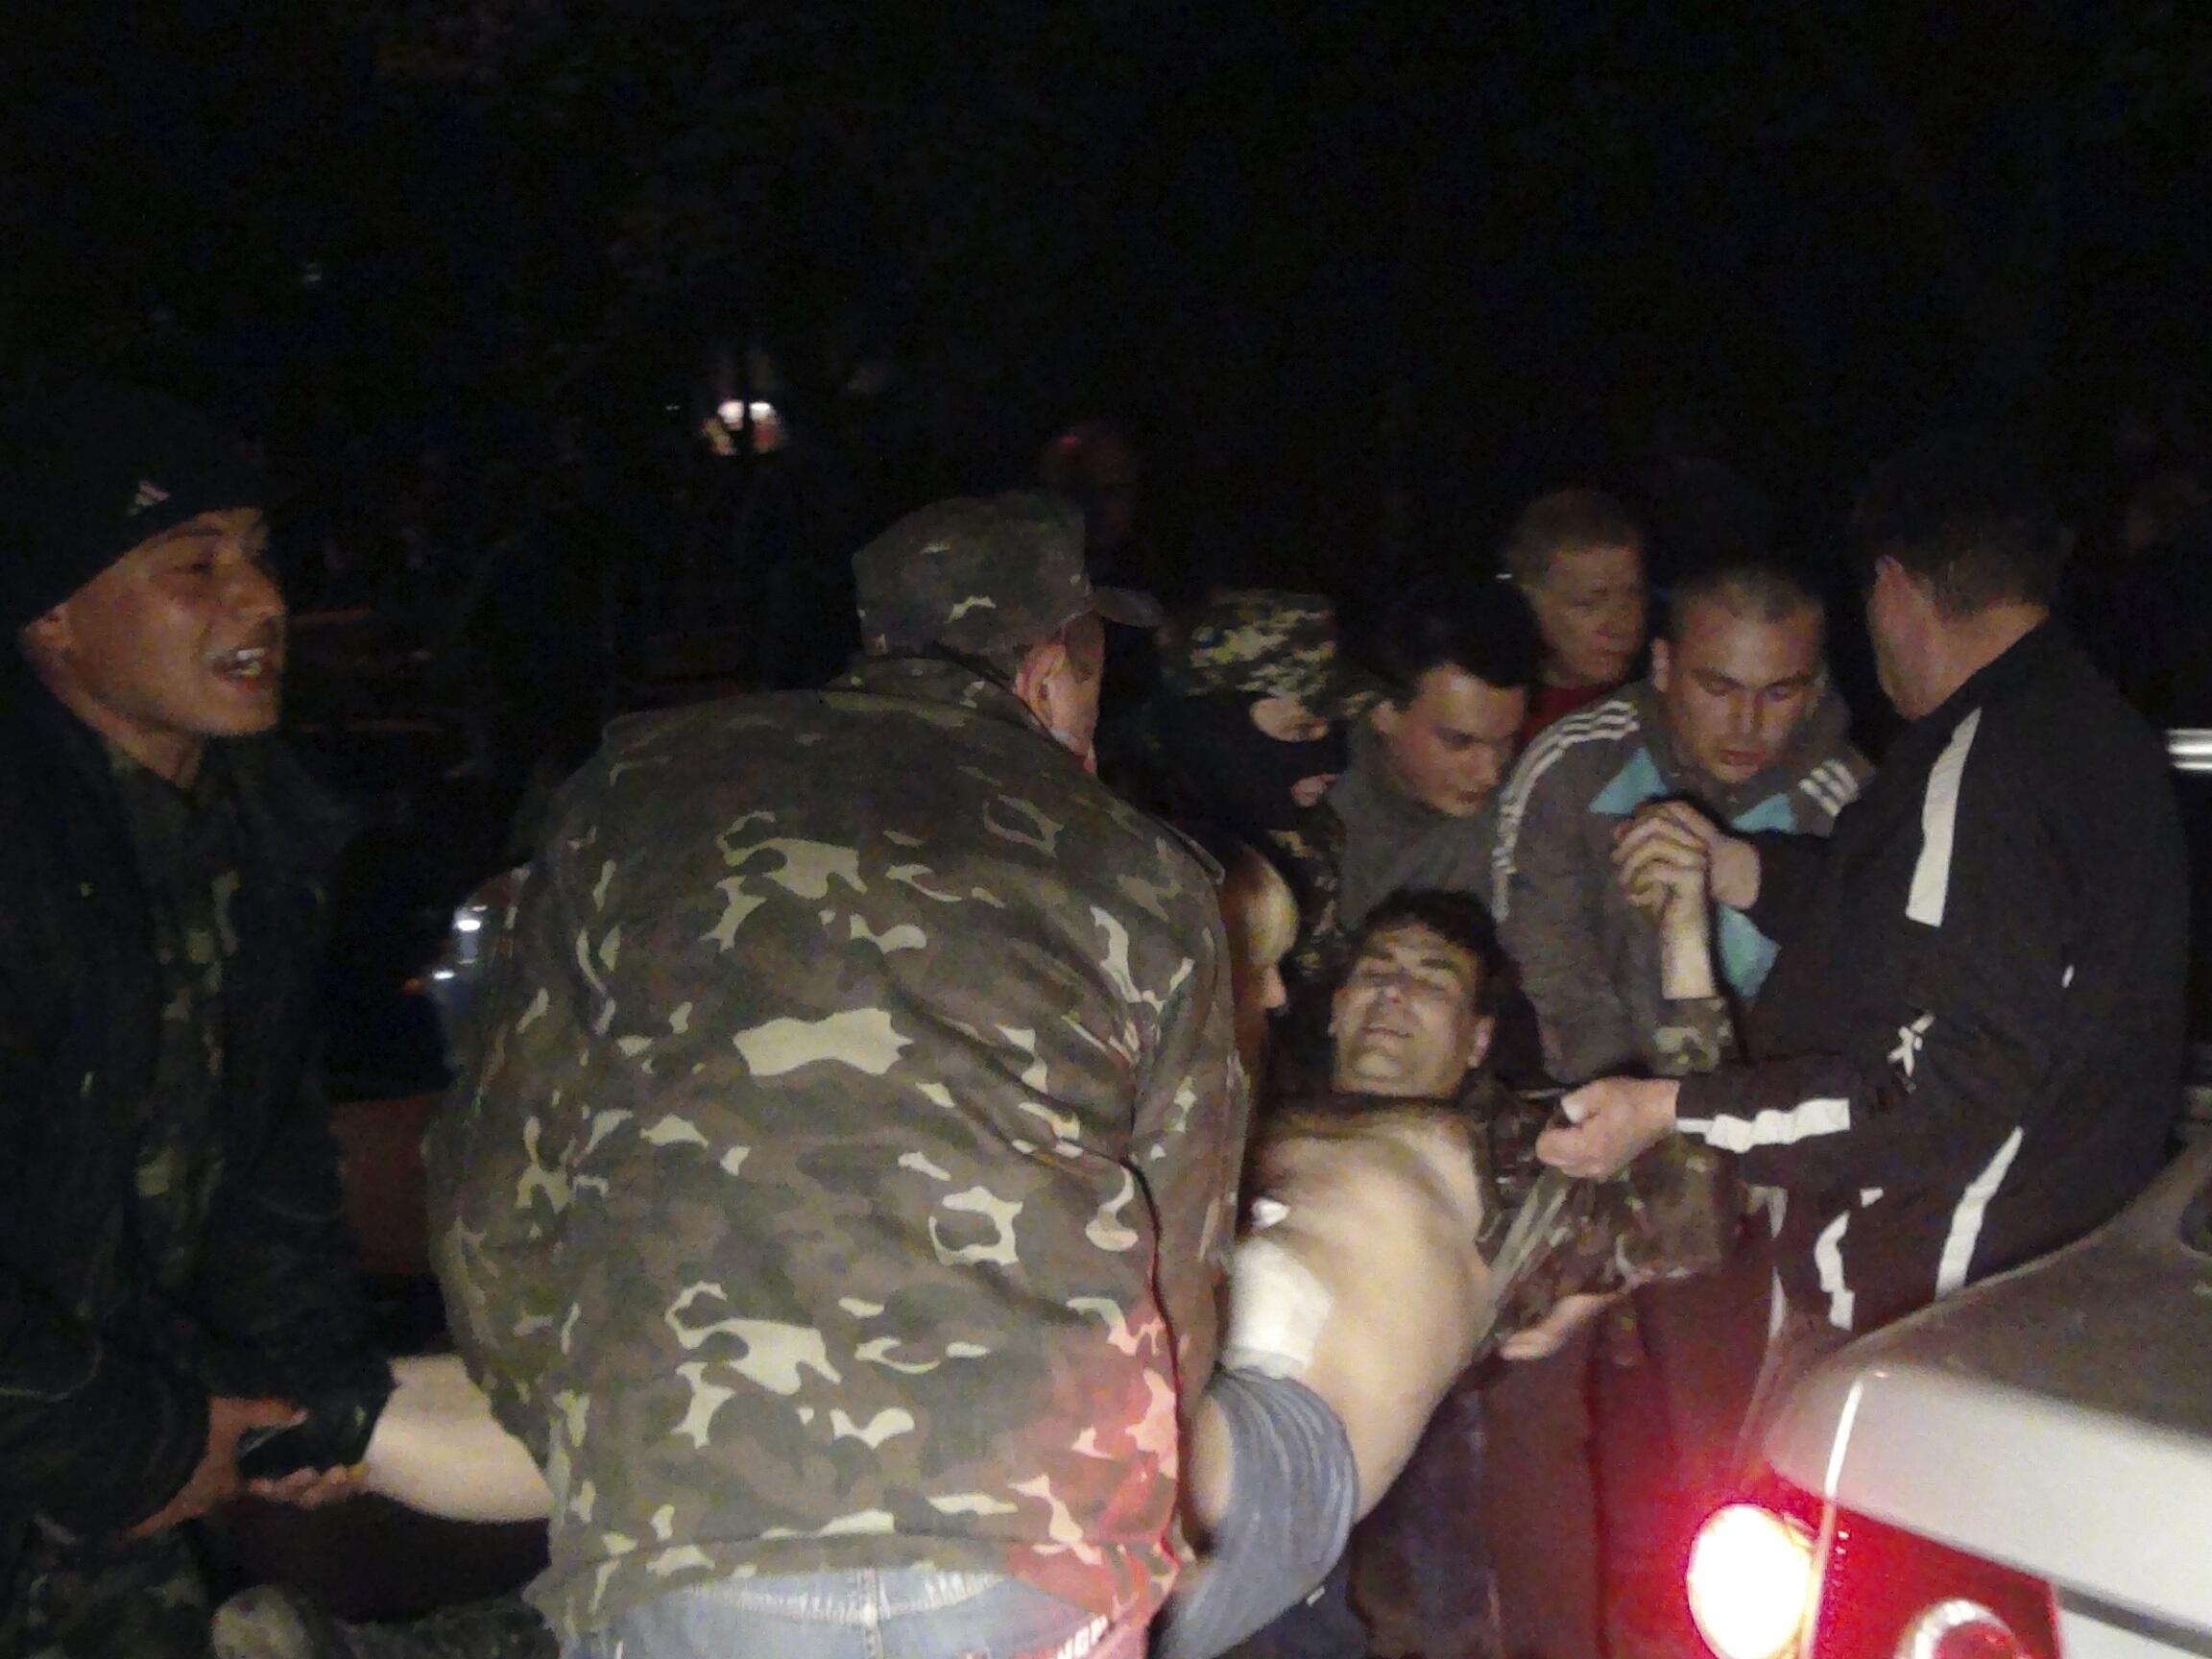 Люди переносят тело убитого при нападении на военую базу в Мариуполе, 16 апреля 2014.